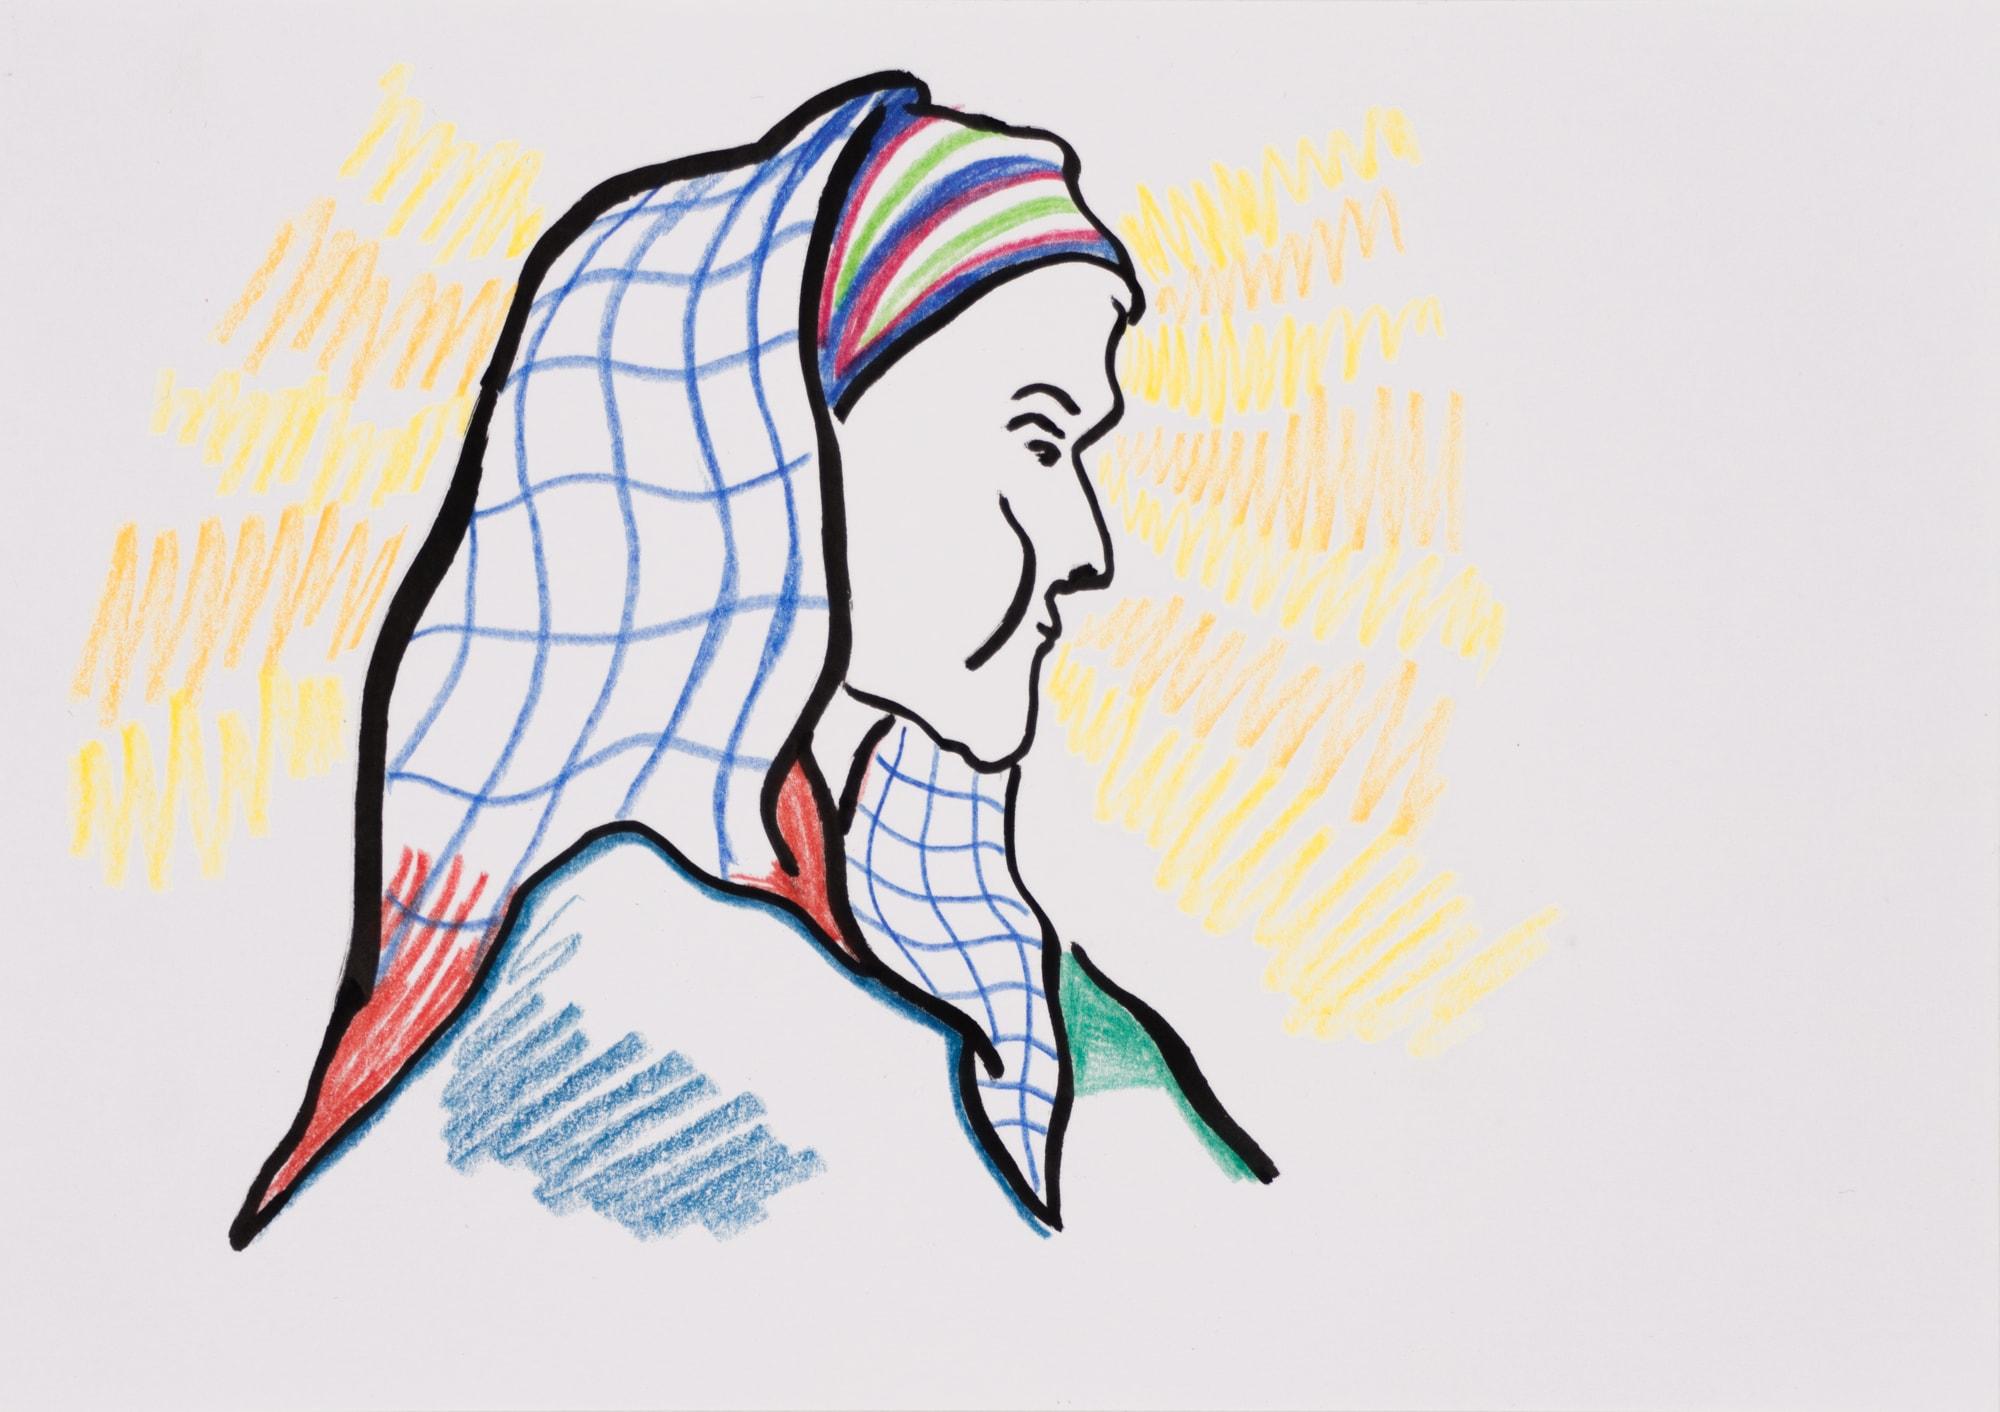 Zeichnung, Farbstift und Tusche auf Papier, 21x14,8cm, Hexe, Künstlerin: Franziska King